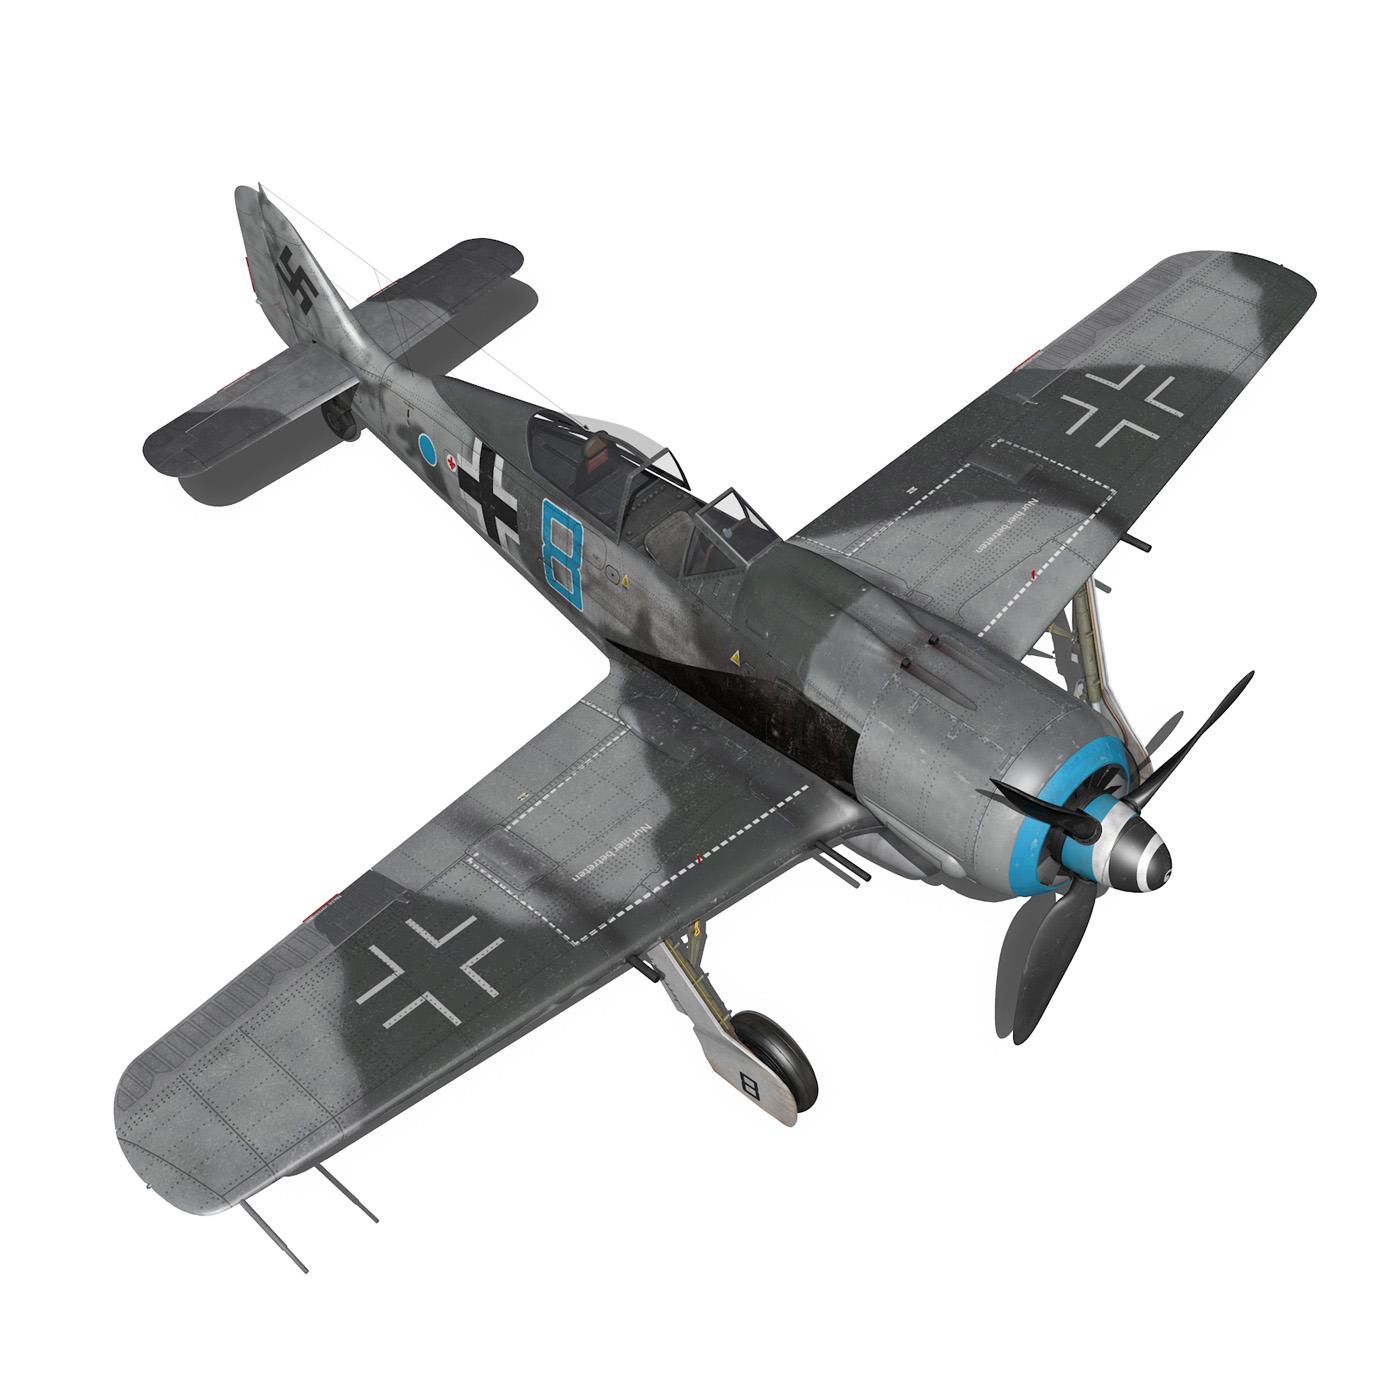 focke wulf – fw190 a8 – blue 8 3d model 3ds fbx c4d lwo obj 293558